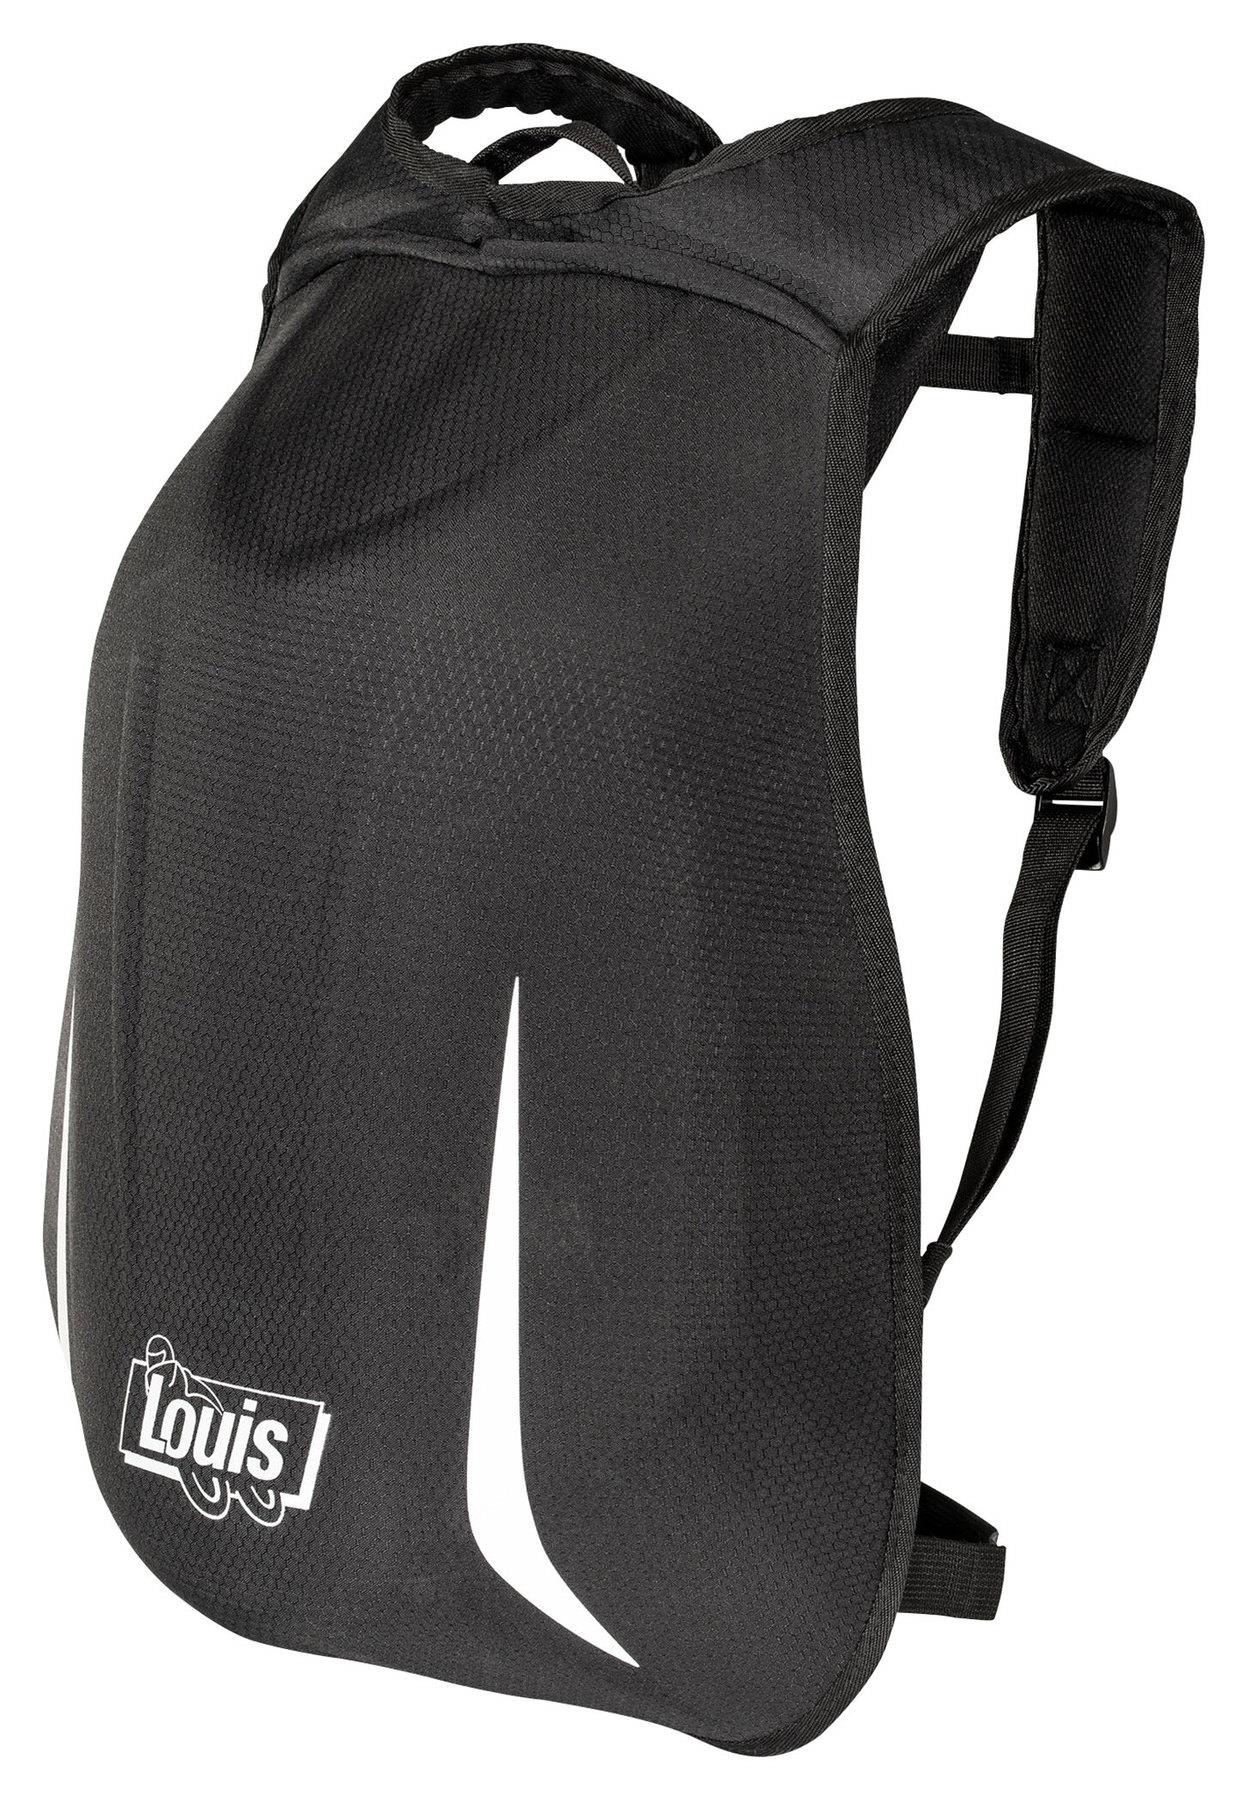 Louis hardschalen rugzak zwart (24 liter)